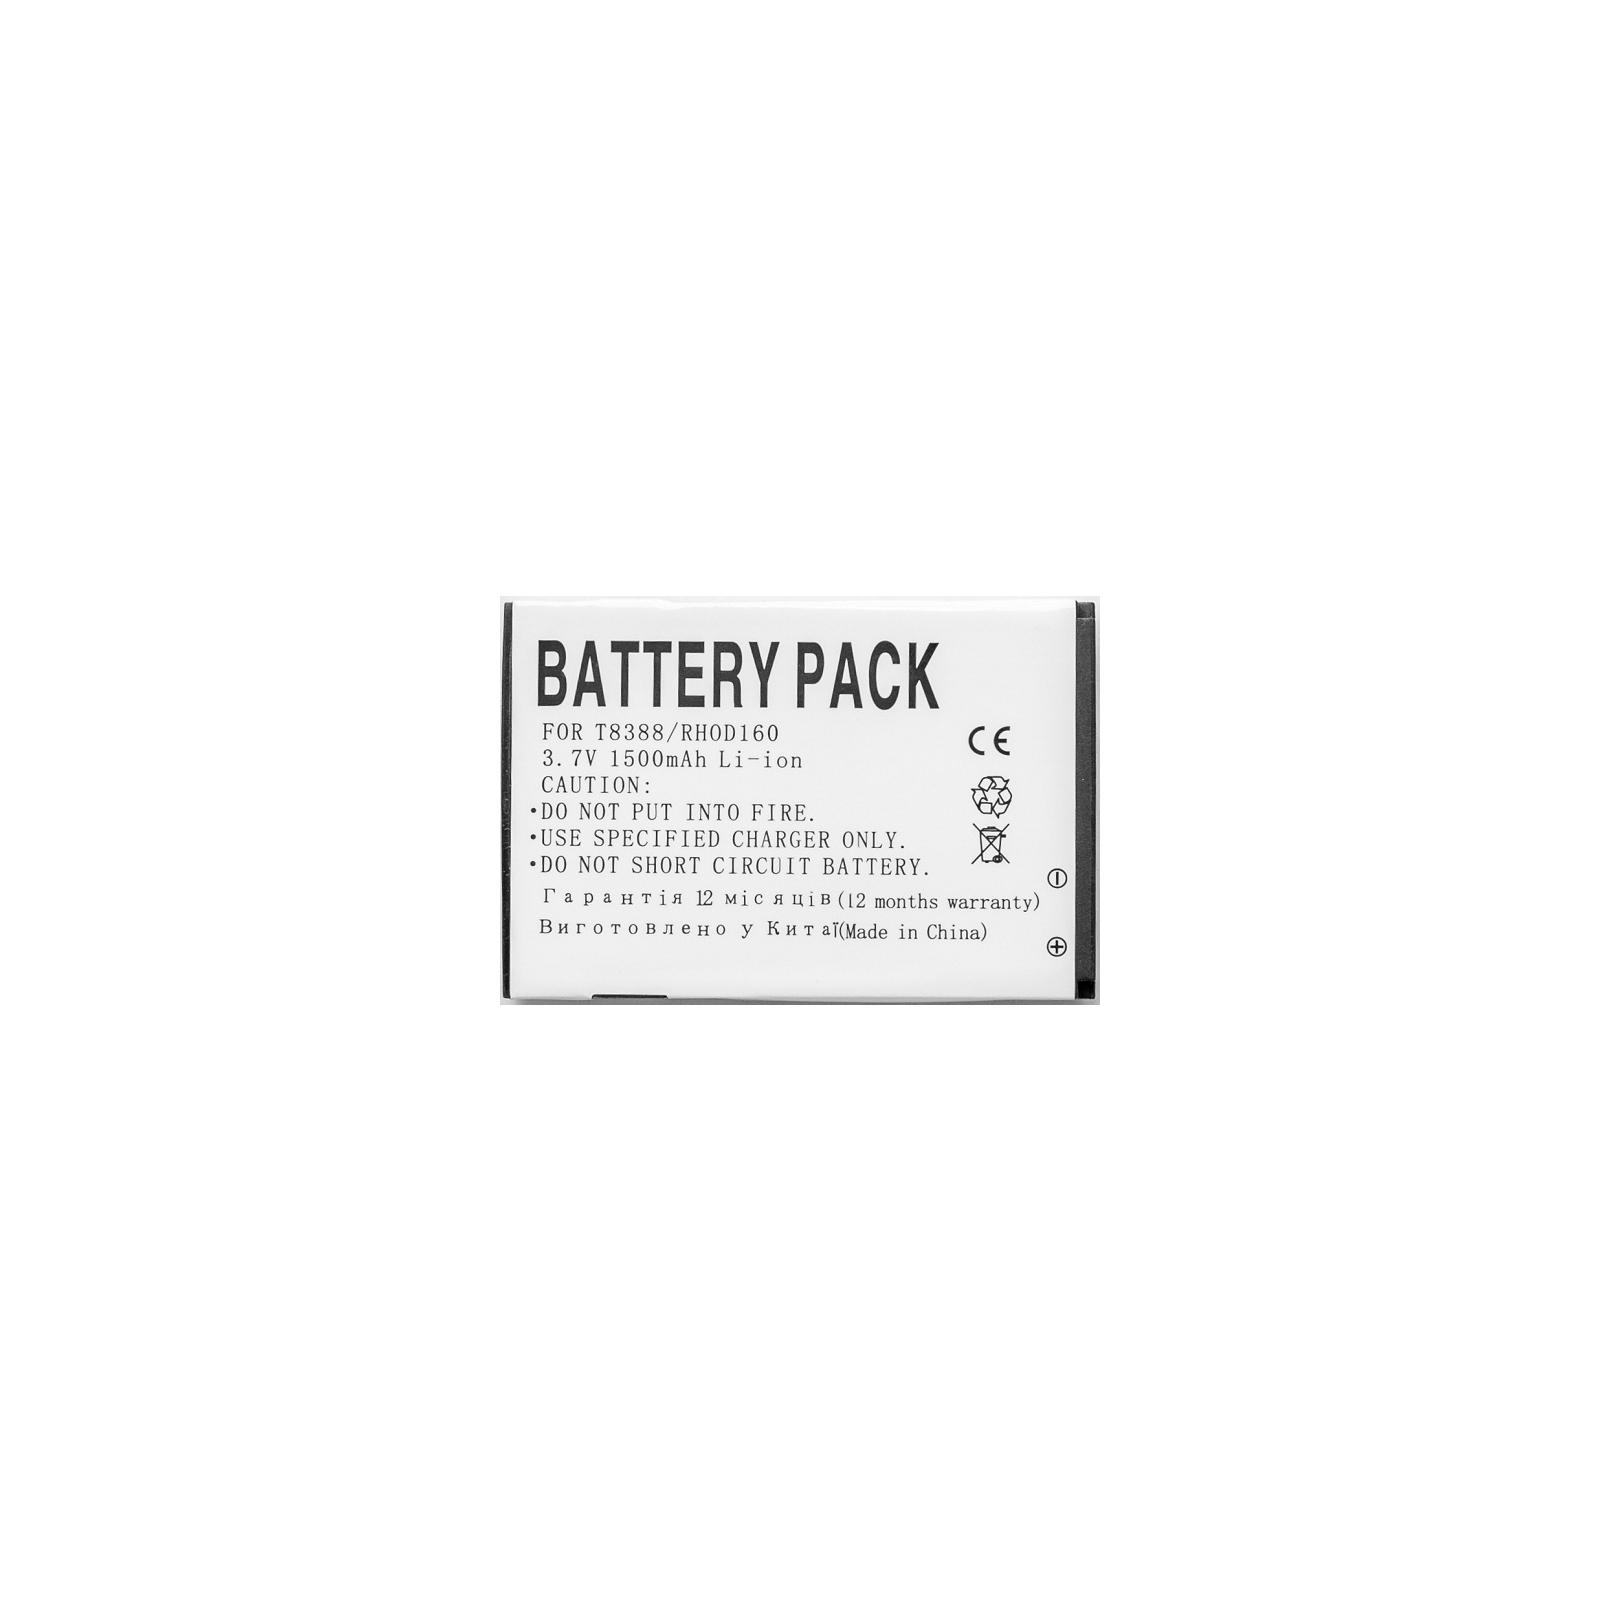 Аккумуляторная батарея PowerPlant HTC Touch Pro II, T7373, RHOD160 (DV00DV6084) изображение 2